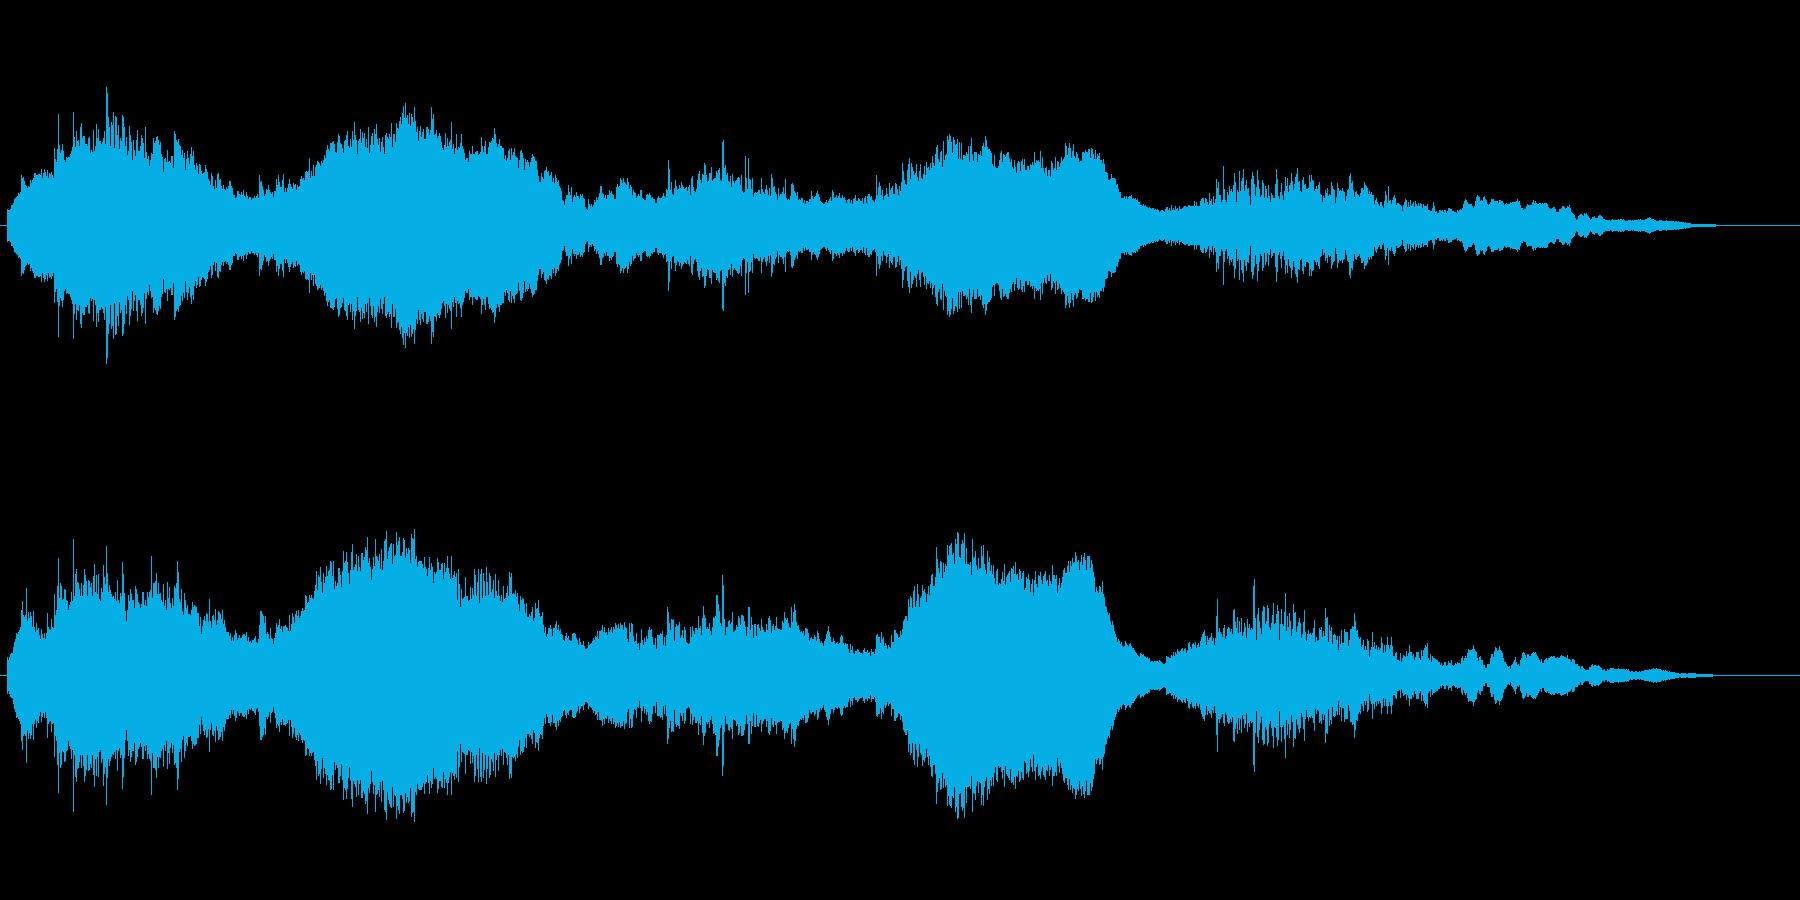 ゼンマイ仕掛けの世界がイメージのテーマの再生済みの波形